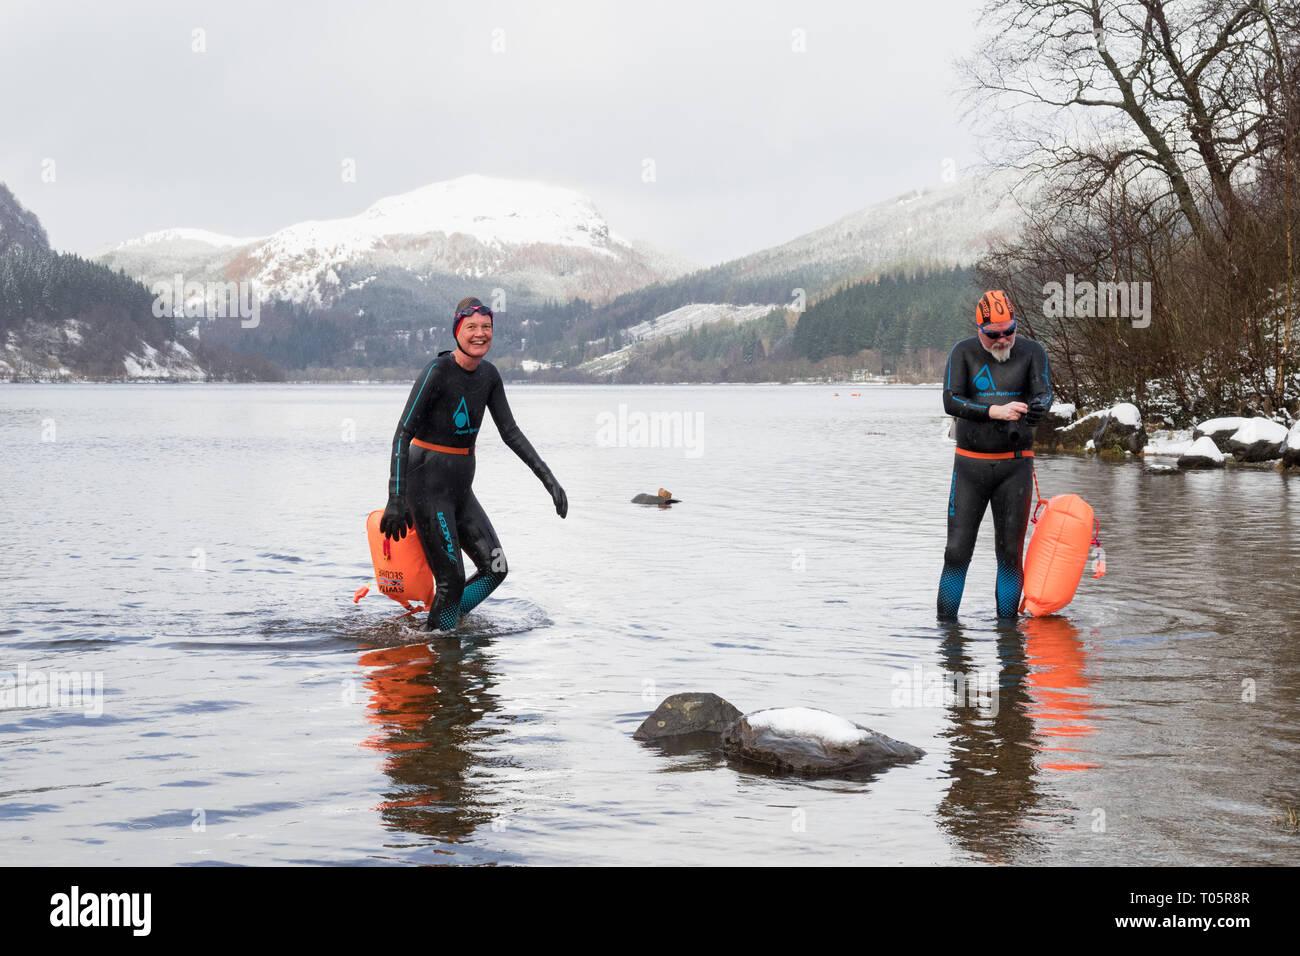 Los nadadores de aguas abiertas en las gélidas aguas del lago Lubnaig agua fresca, Callander, Loch Lomond y los Trossachs National Park, Escocia, Reino Unido Imagen De Stock